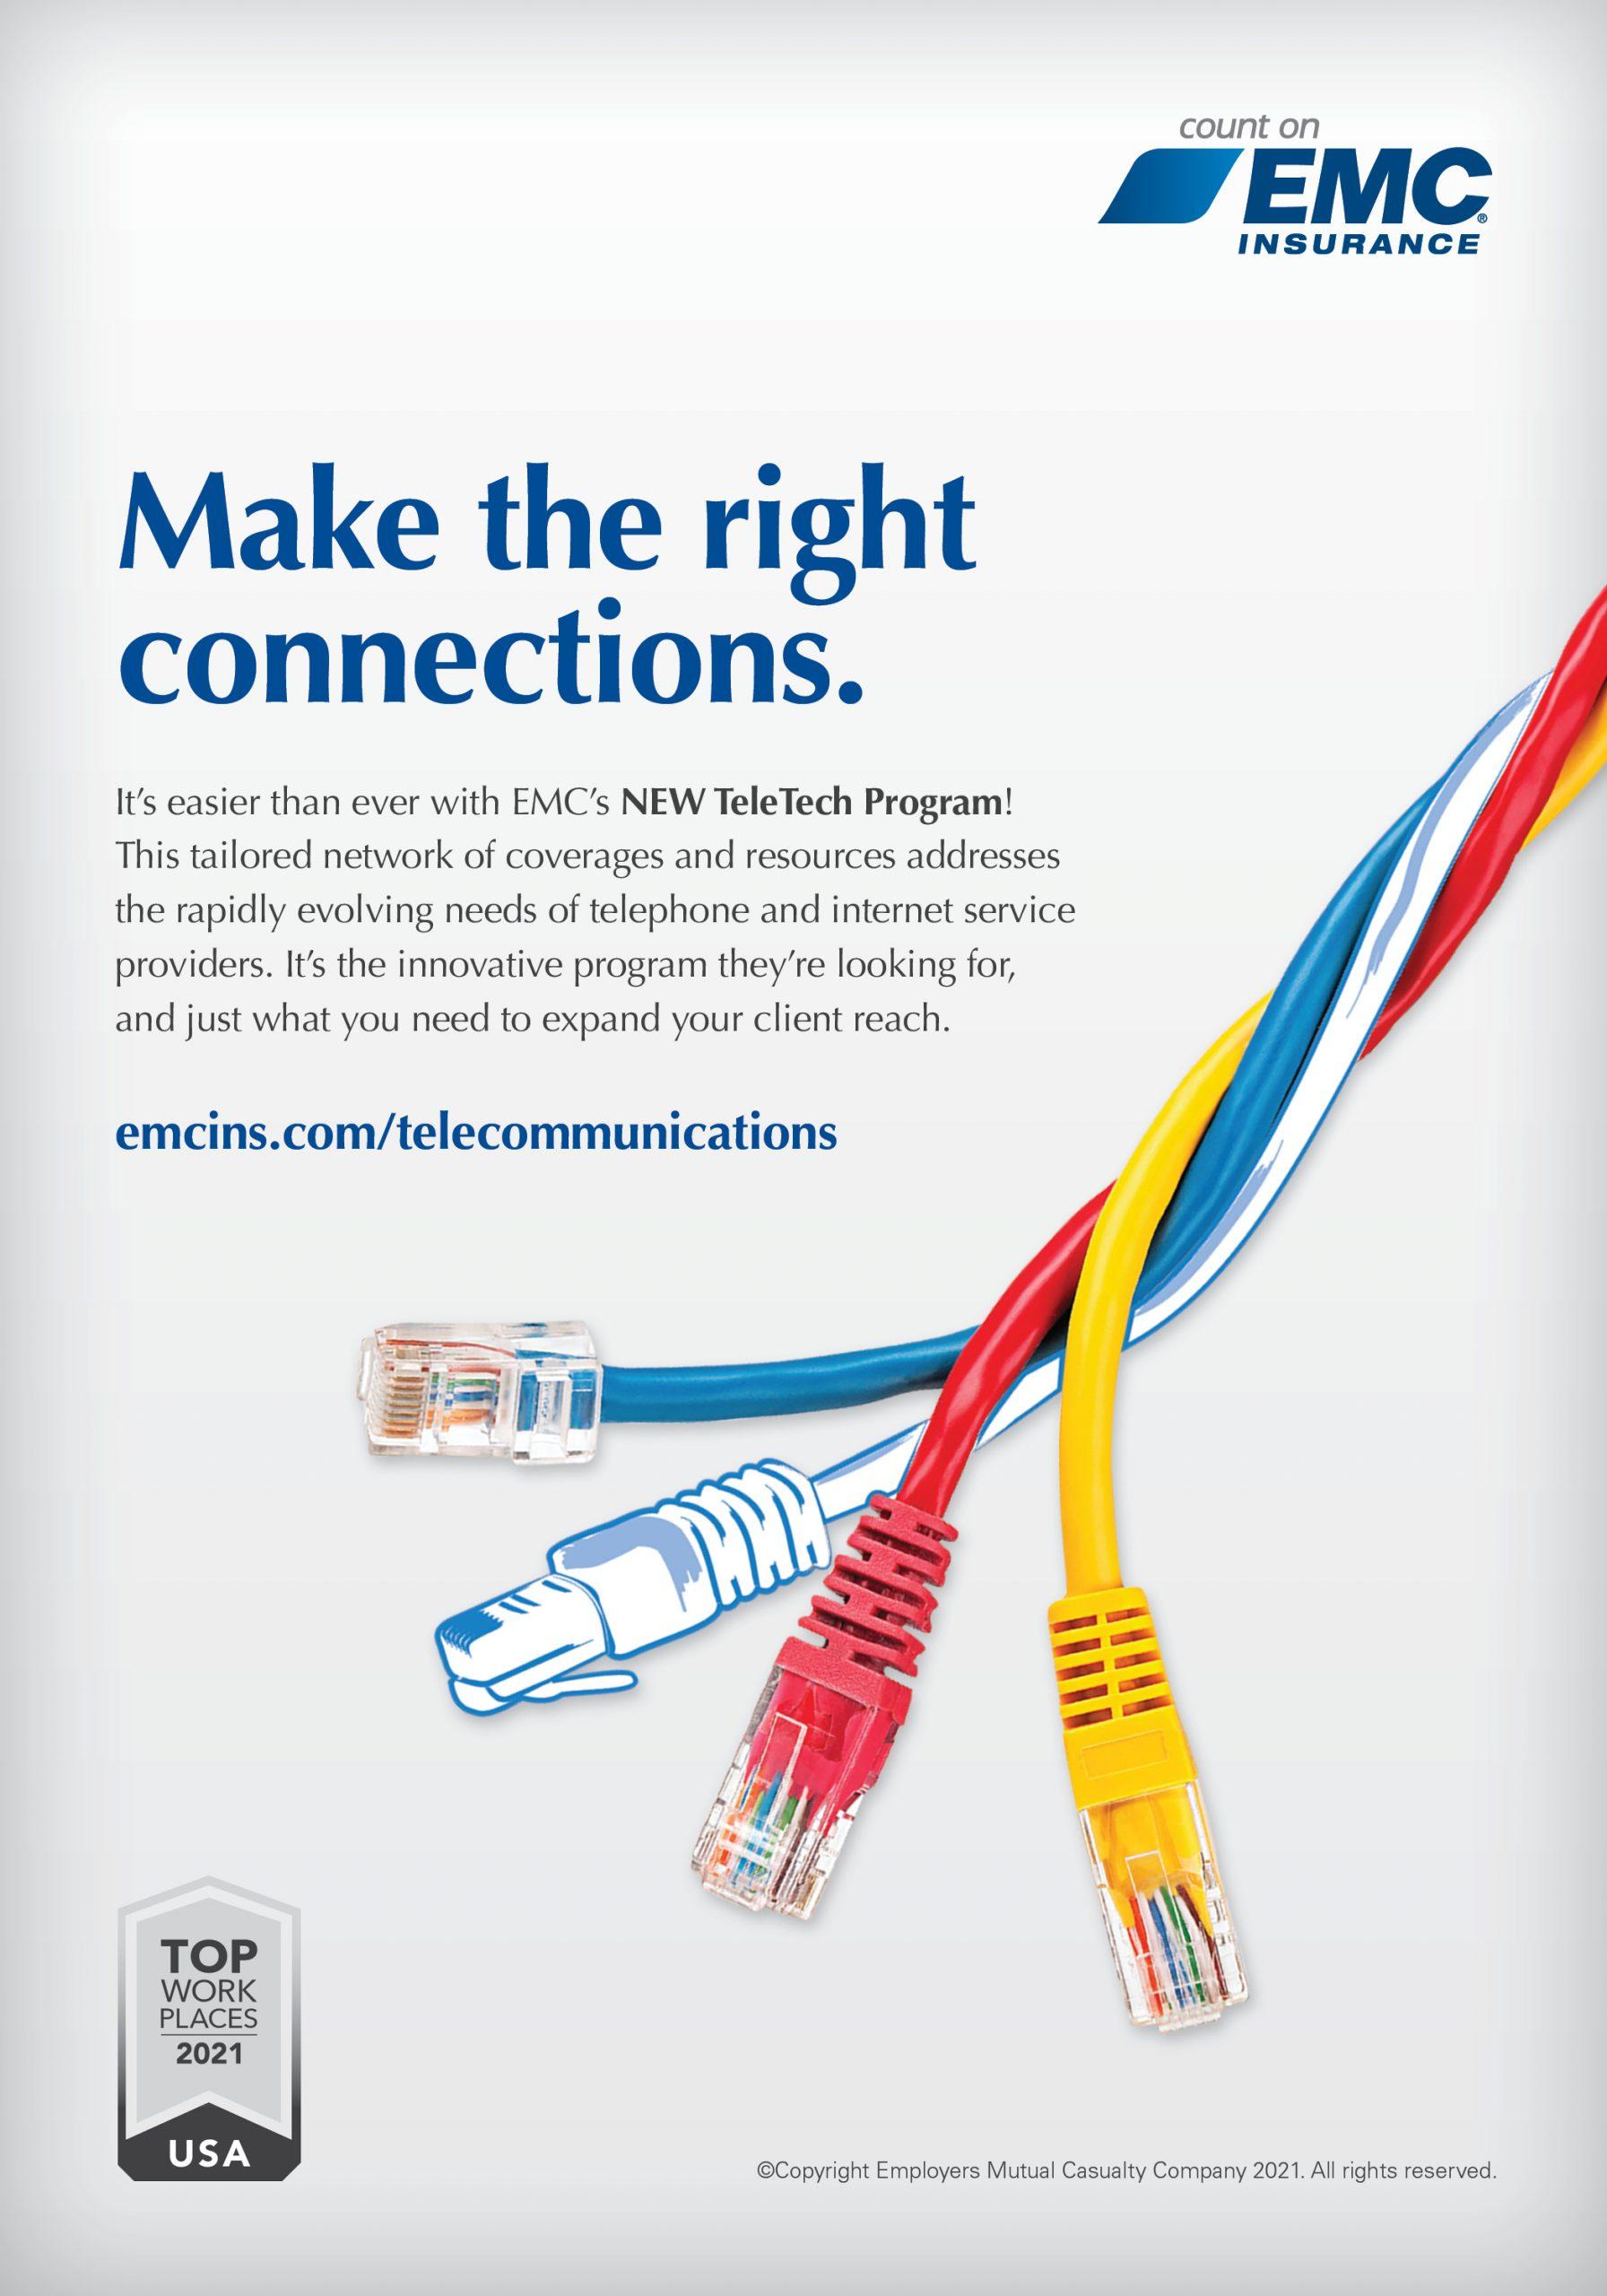 EMC Ad